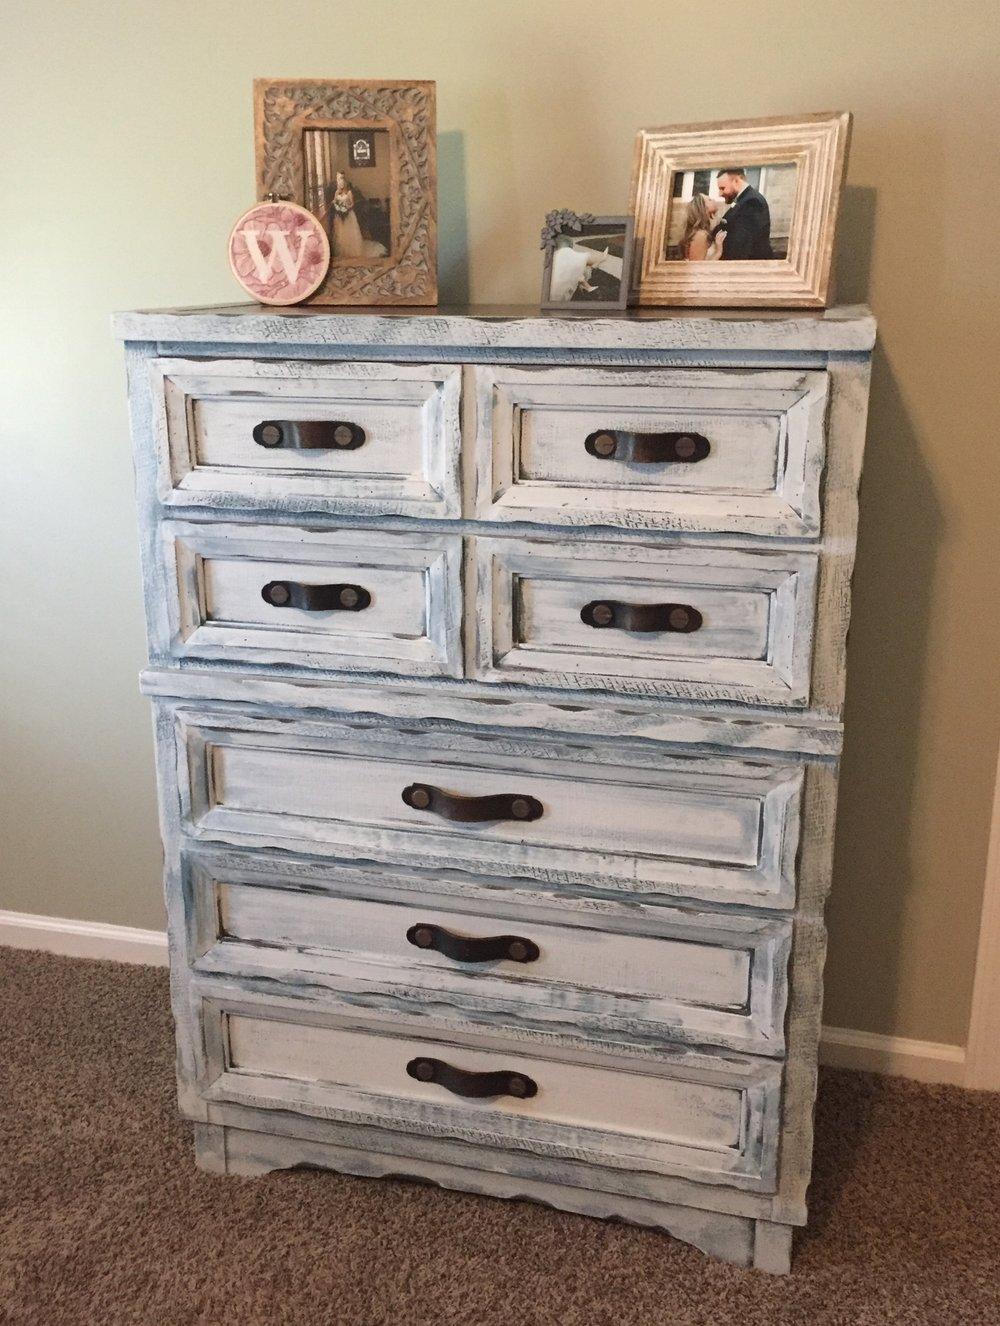 Megan's Dresser - After